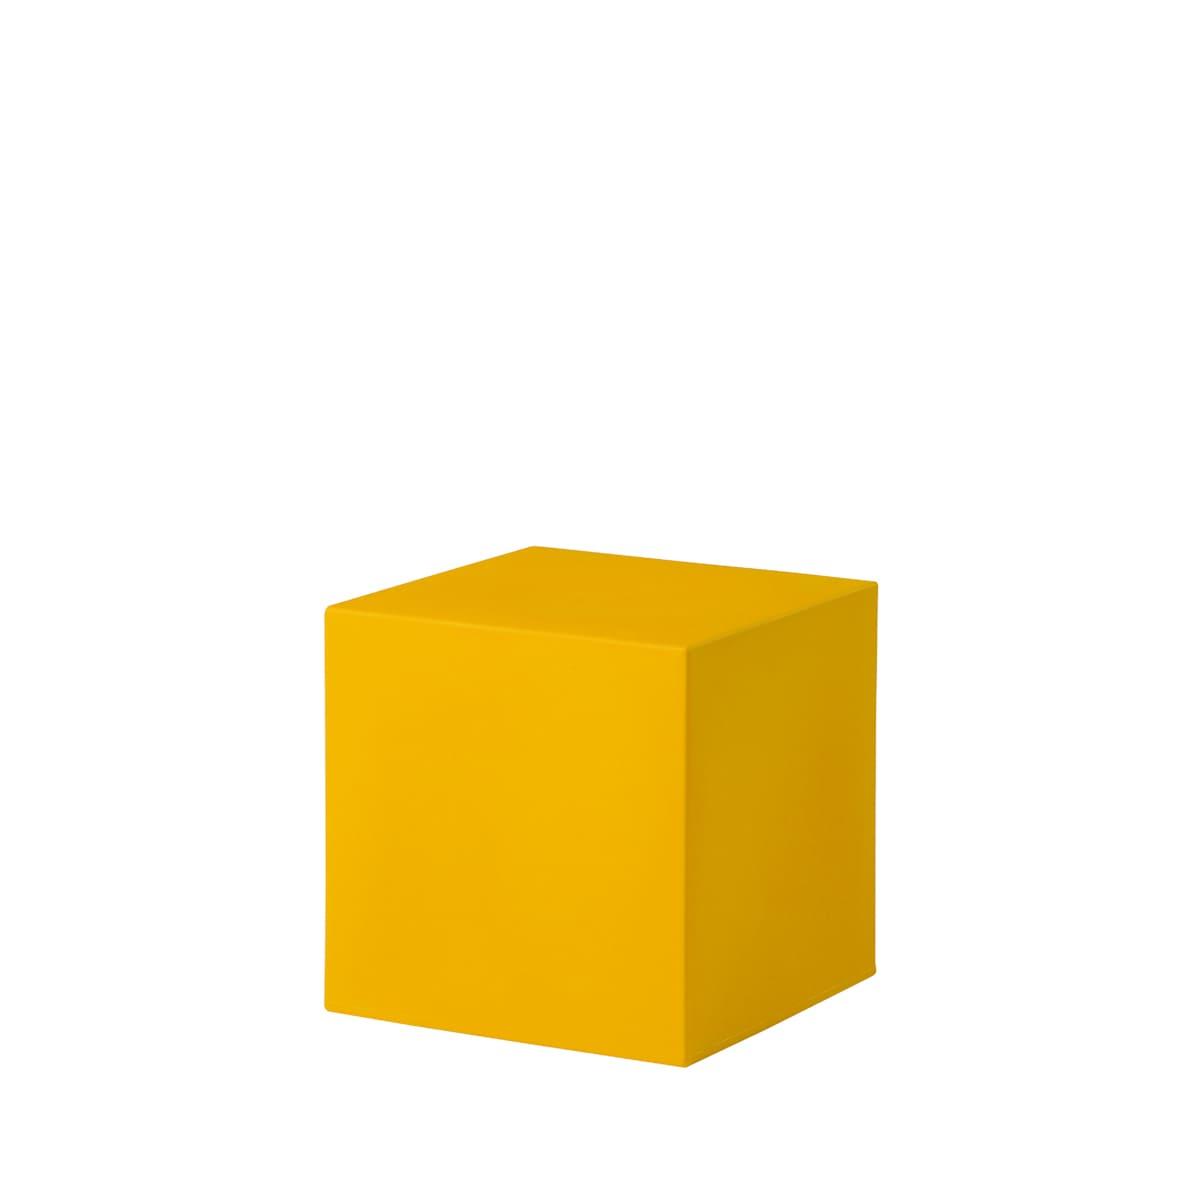 cube würfel gelb Bunte Wuerfel Outdoor - Cube Würfel beleuchtet